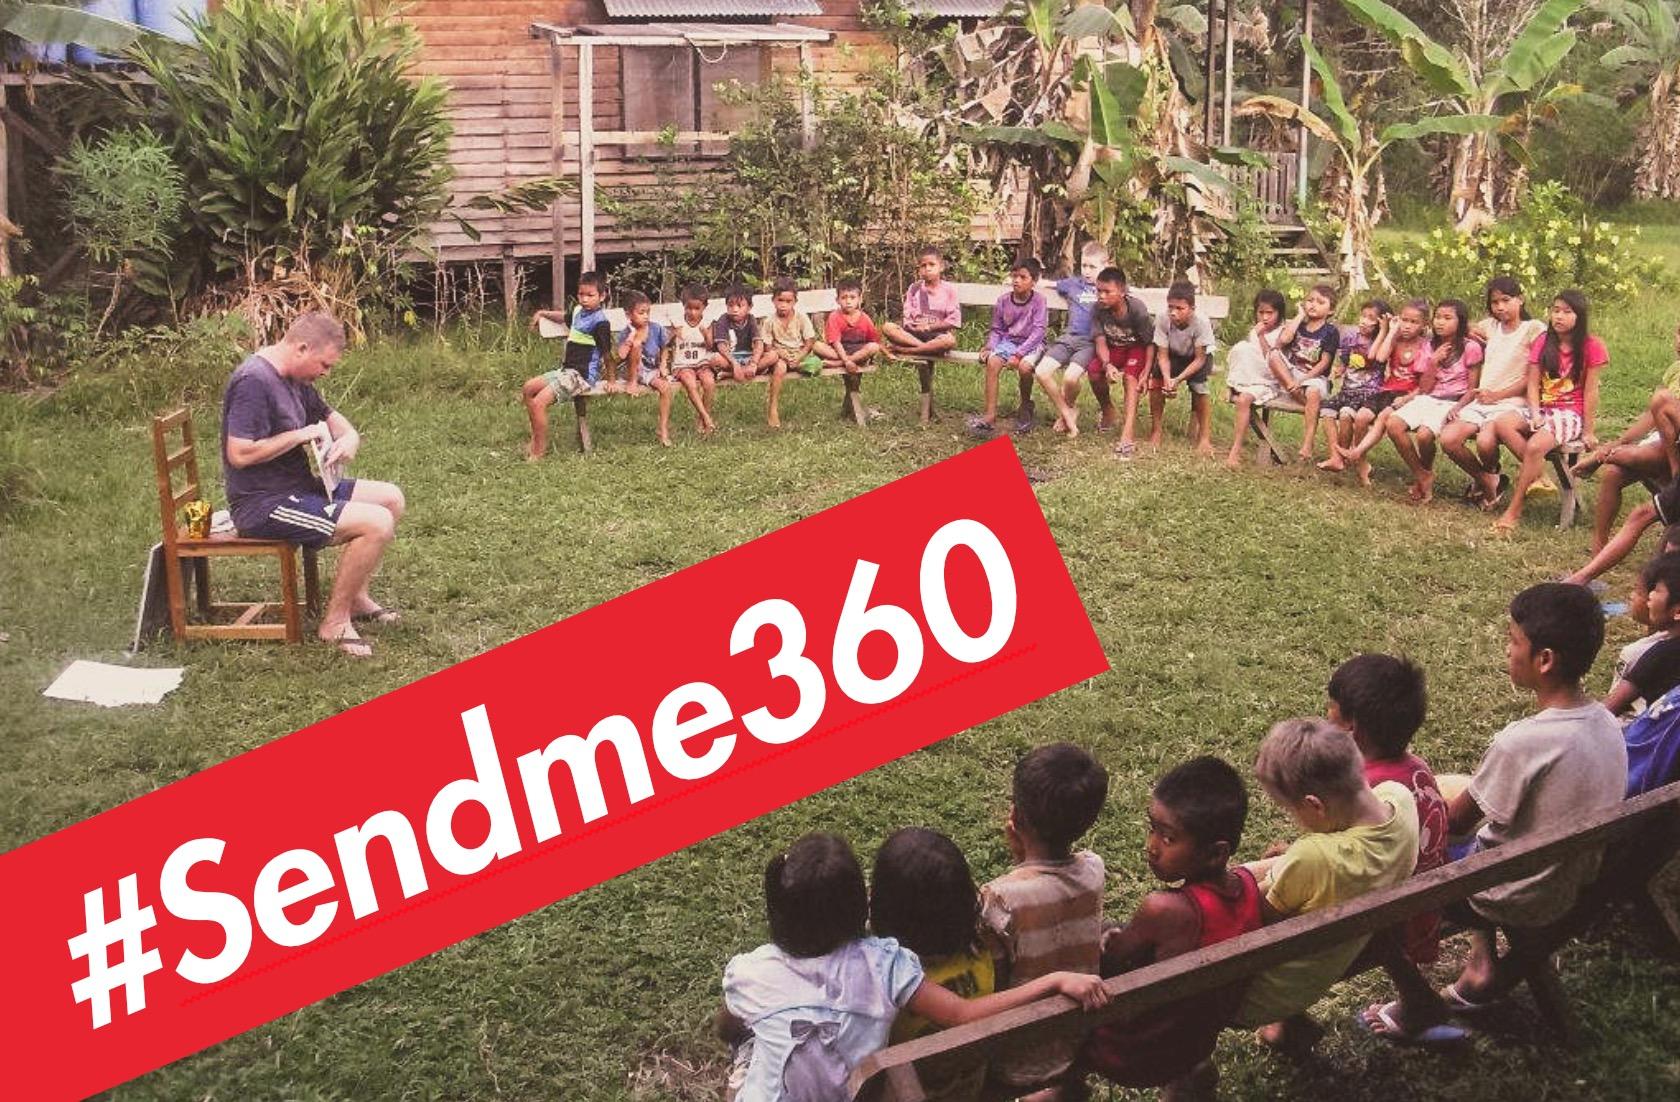 sindelsendme360